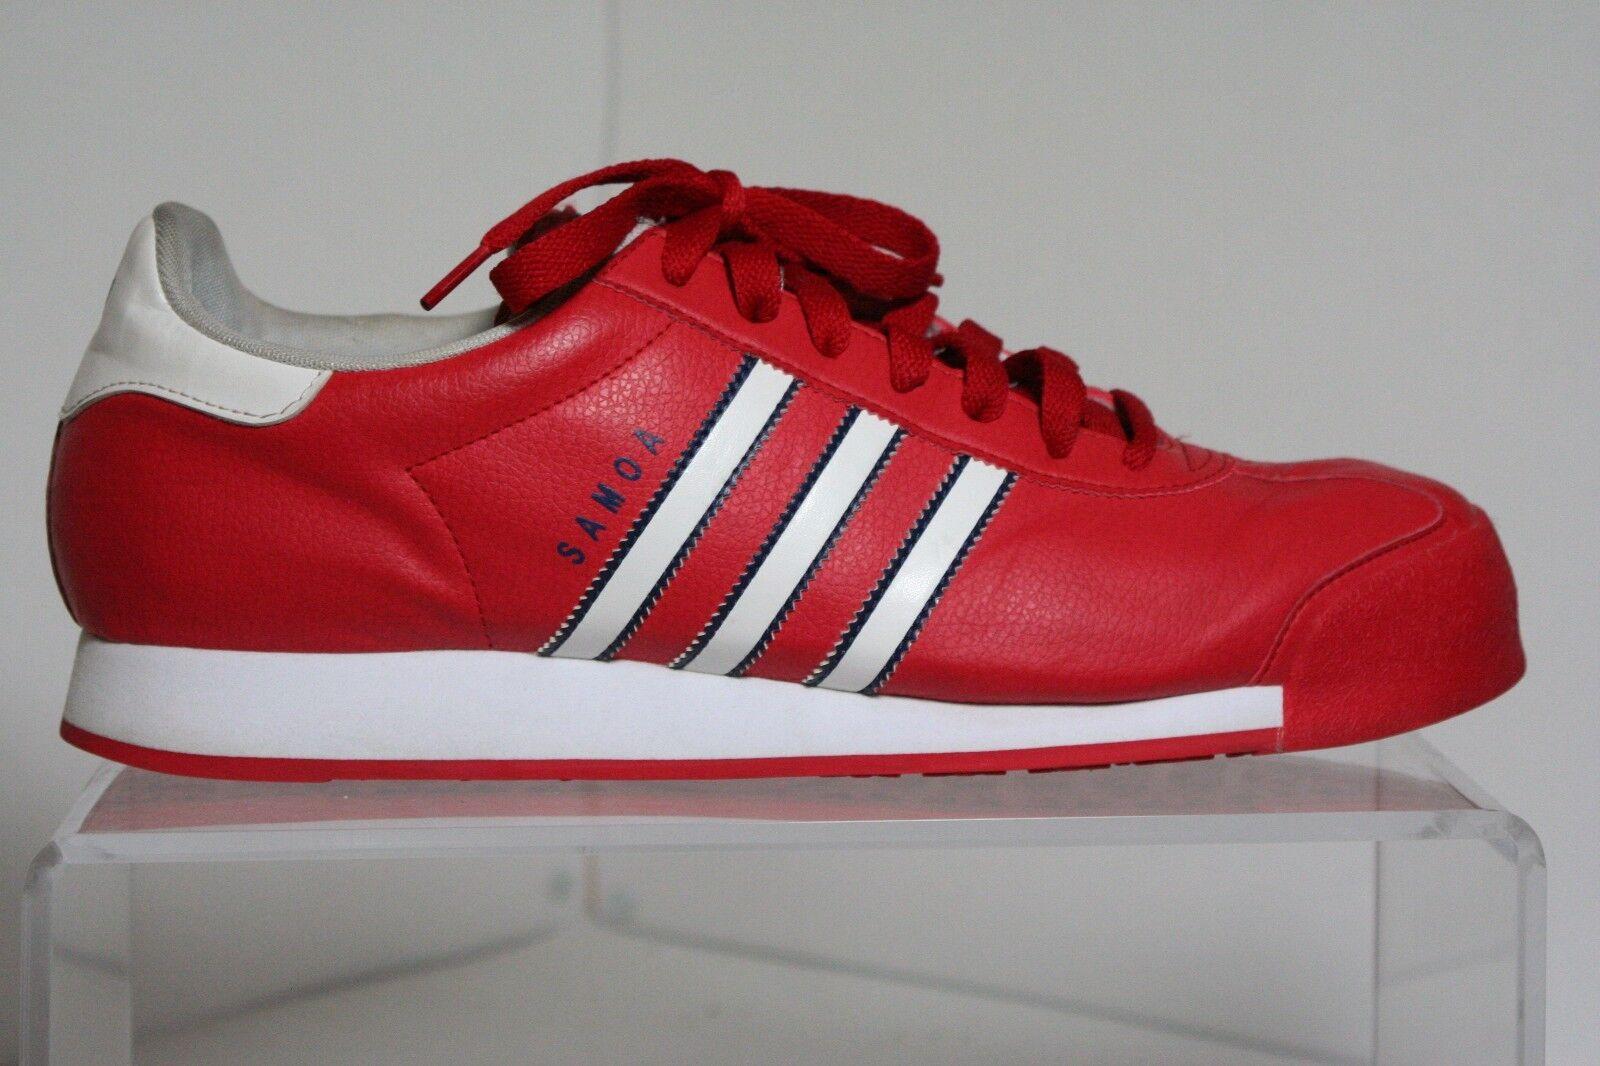 Adidas originali eqt attrezzature sostegno 93 d67729 taglia 10 verde